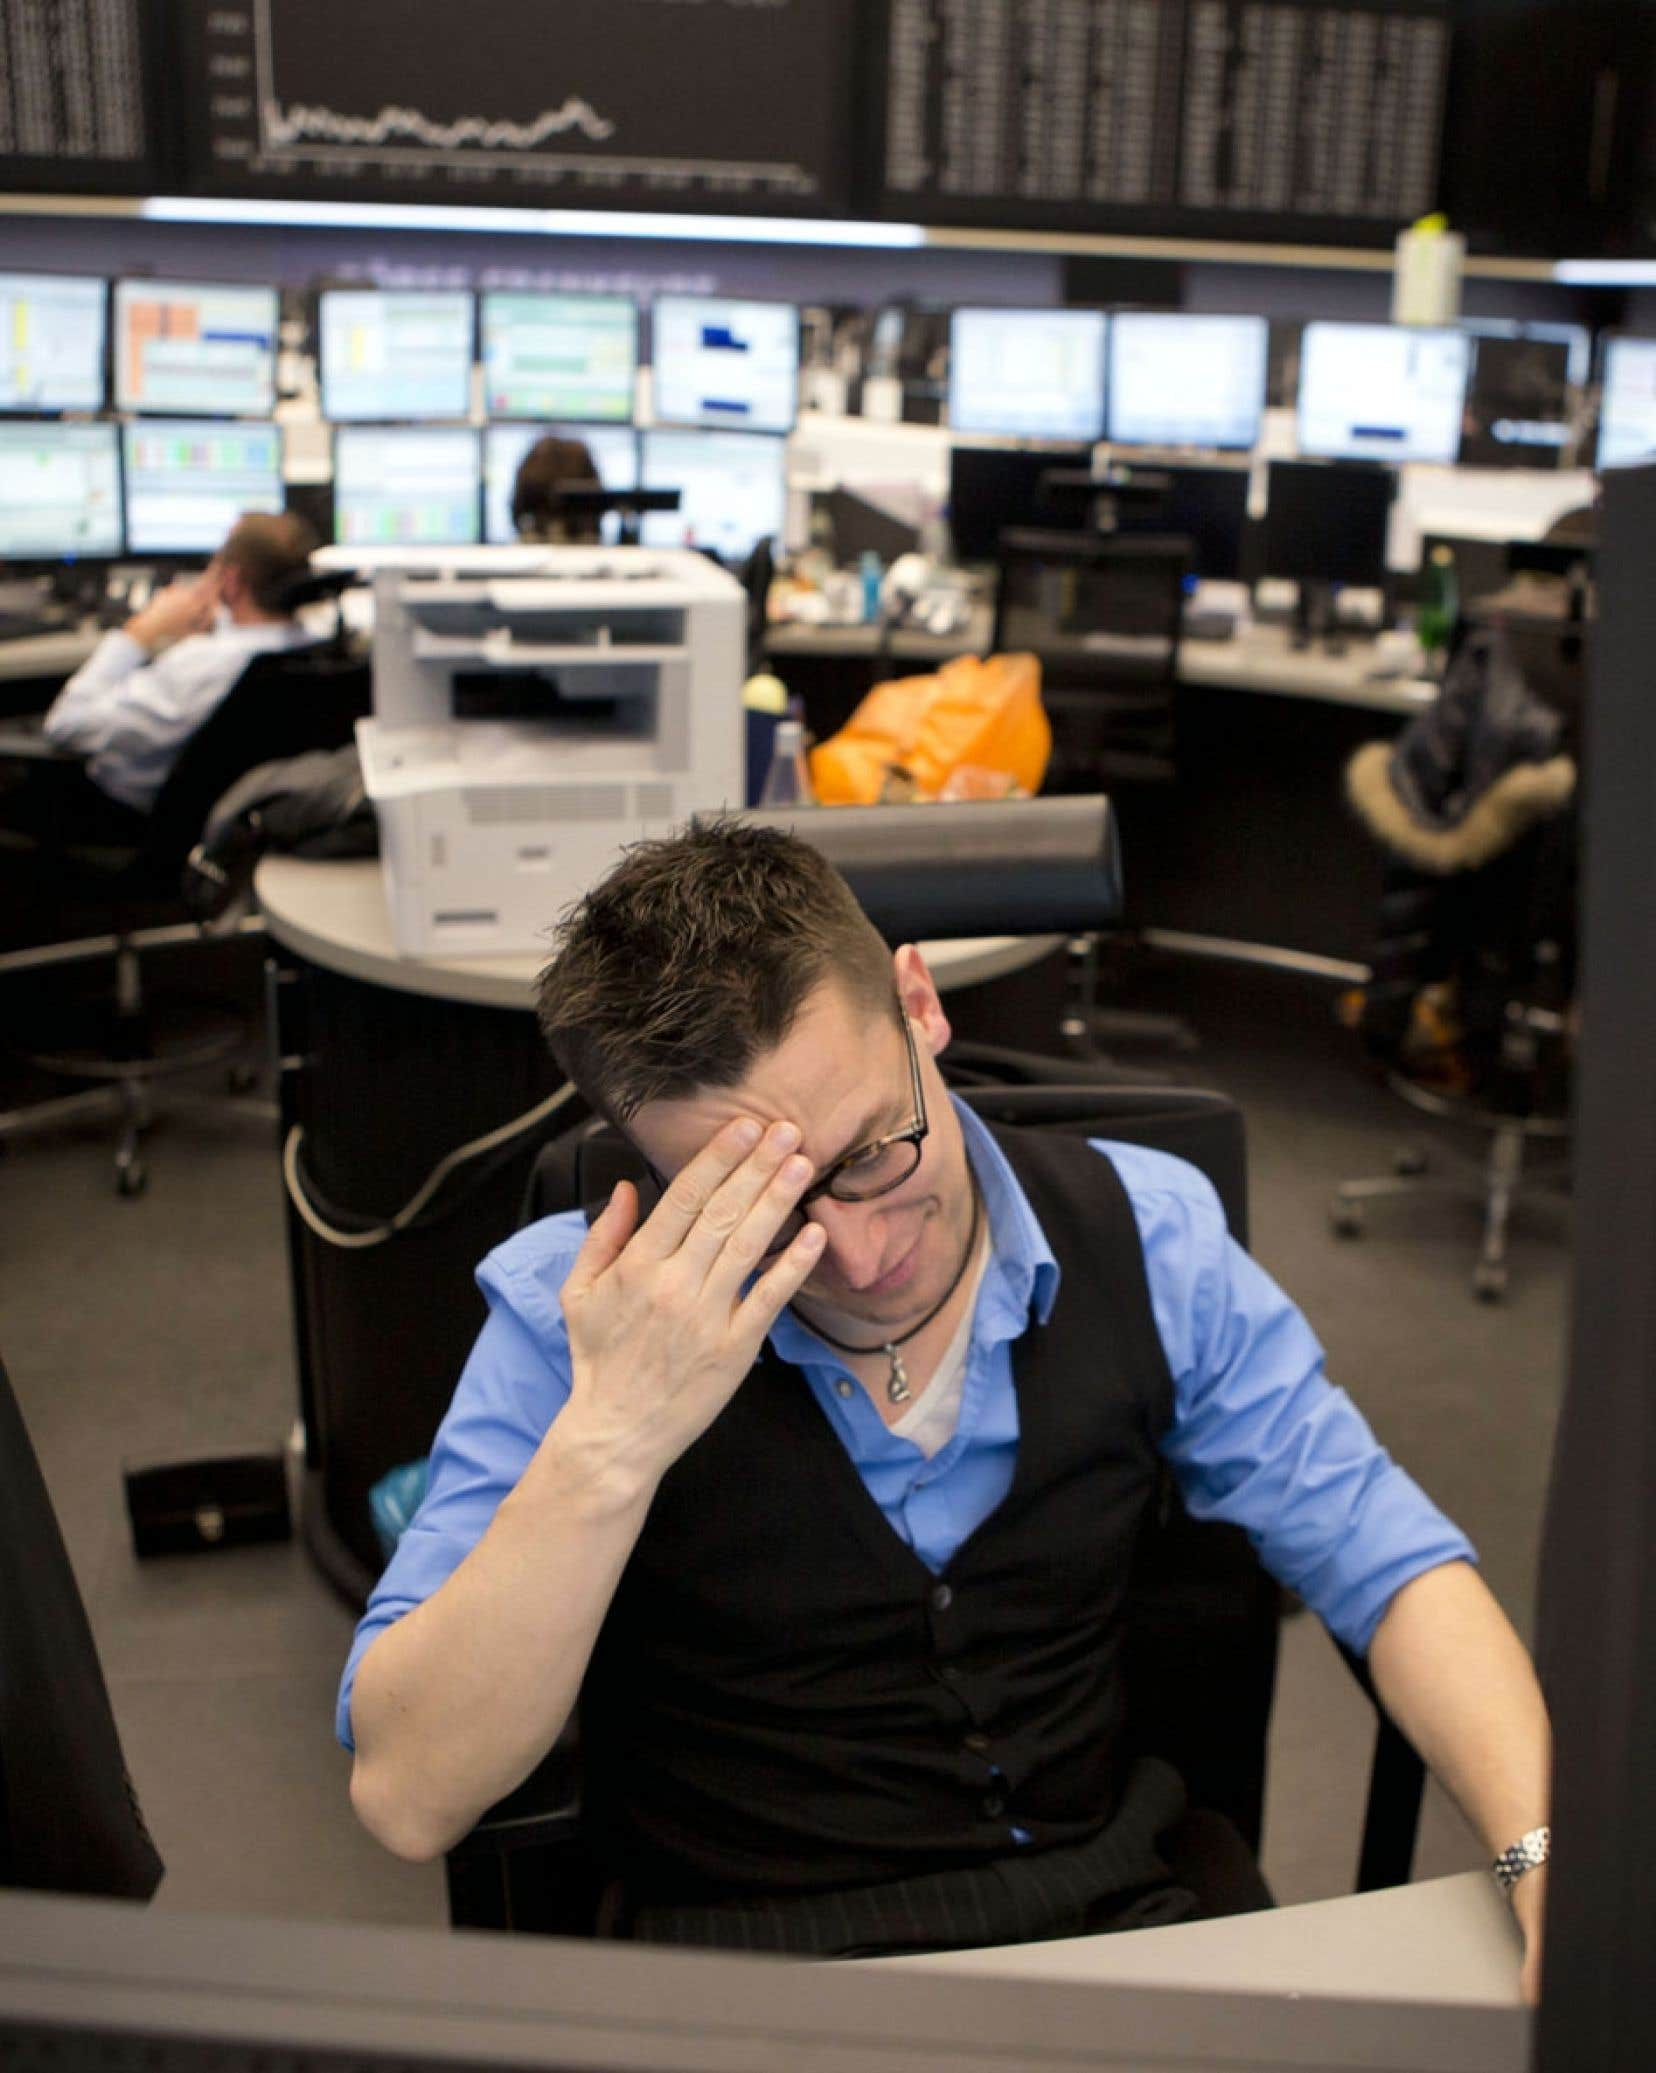 «Pour l'essentiel, les marchés réagissent différemment selon que les annonces qu'on rapporte sont positives ou négatives», observe le professeur Kryzanowski.